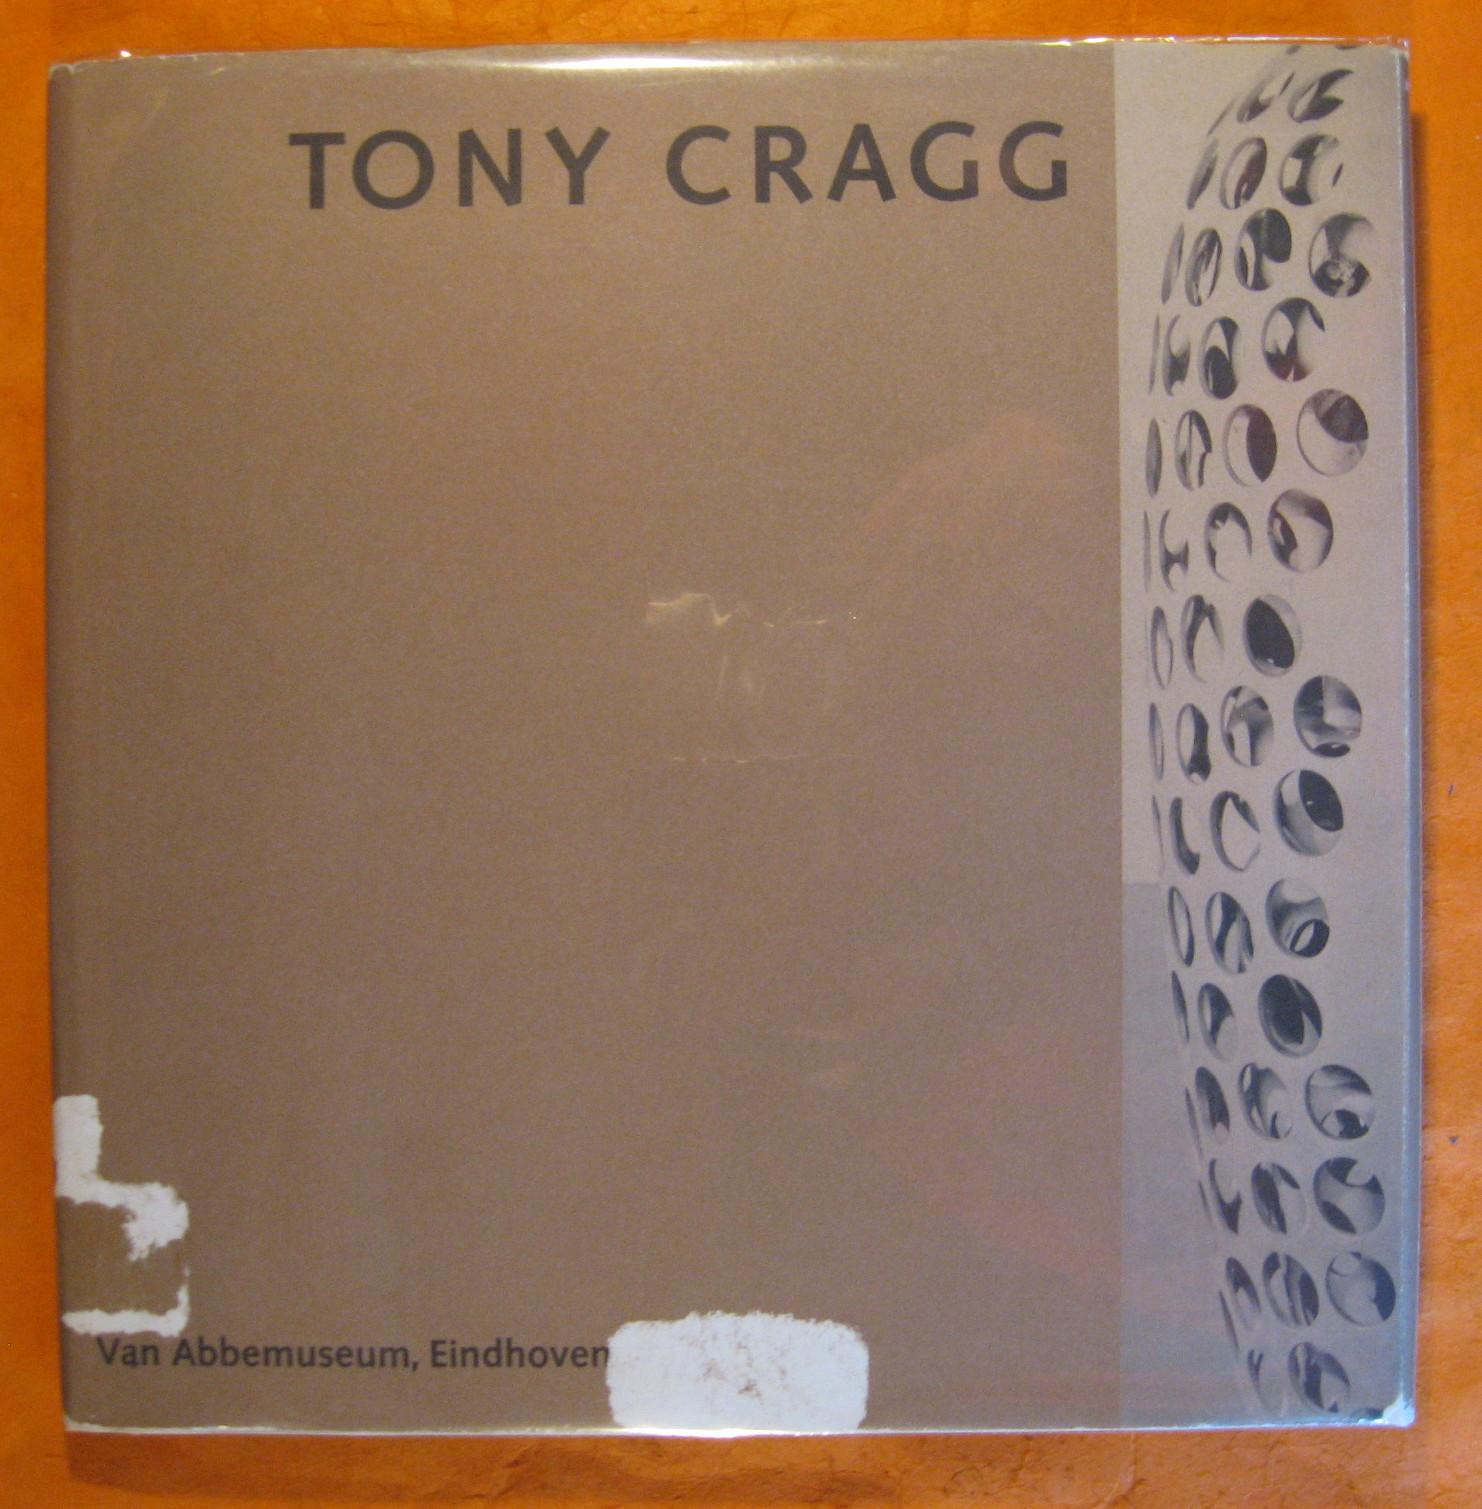 Tony Cragg, Cragg, Tony